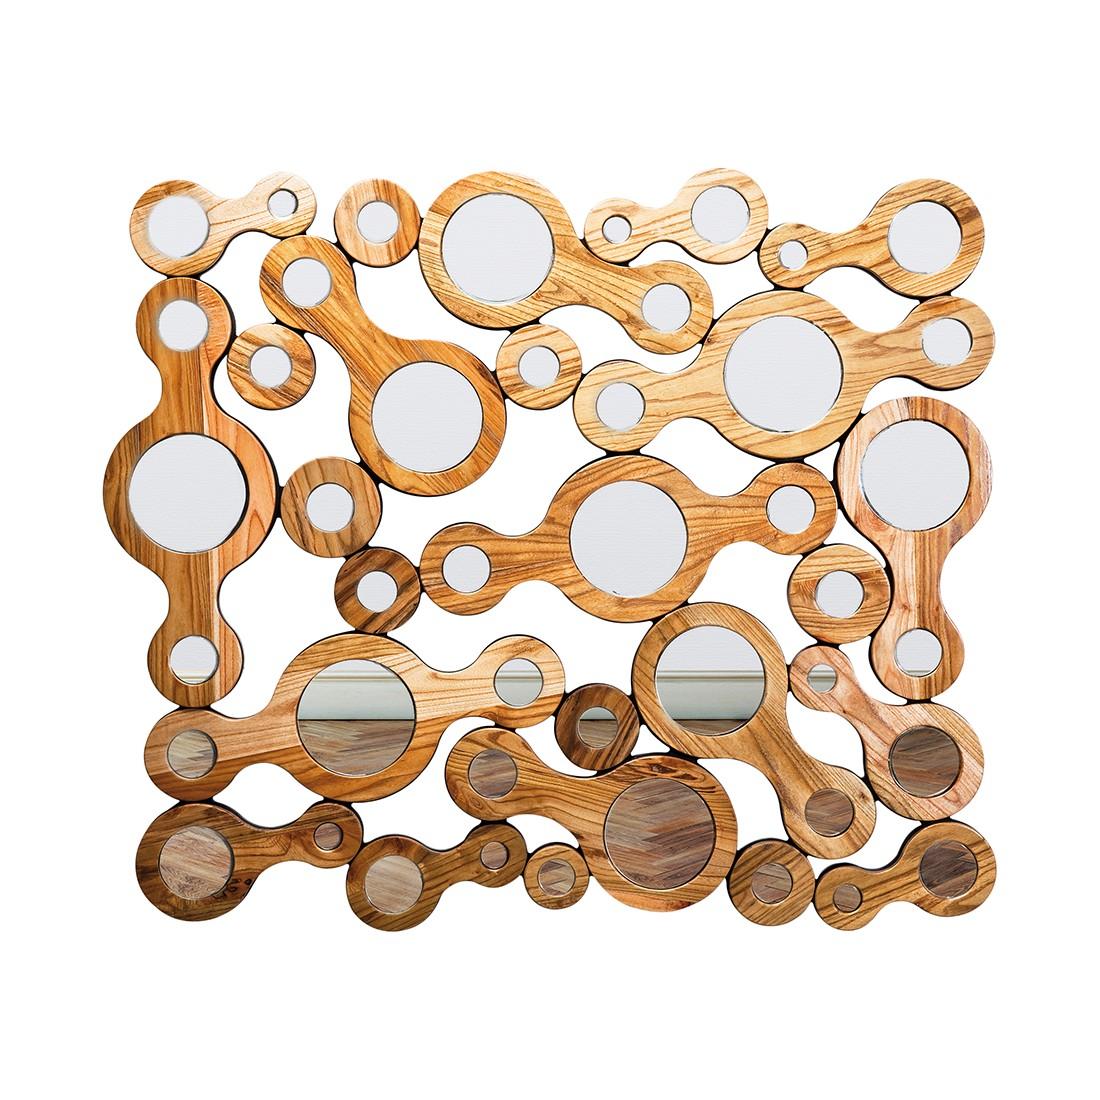 Driehoekige spiegel Locomotive - massief trompetboomhout - bruin/spiegelglas, Kare Design